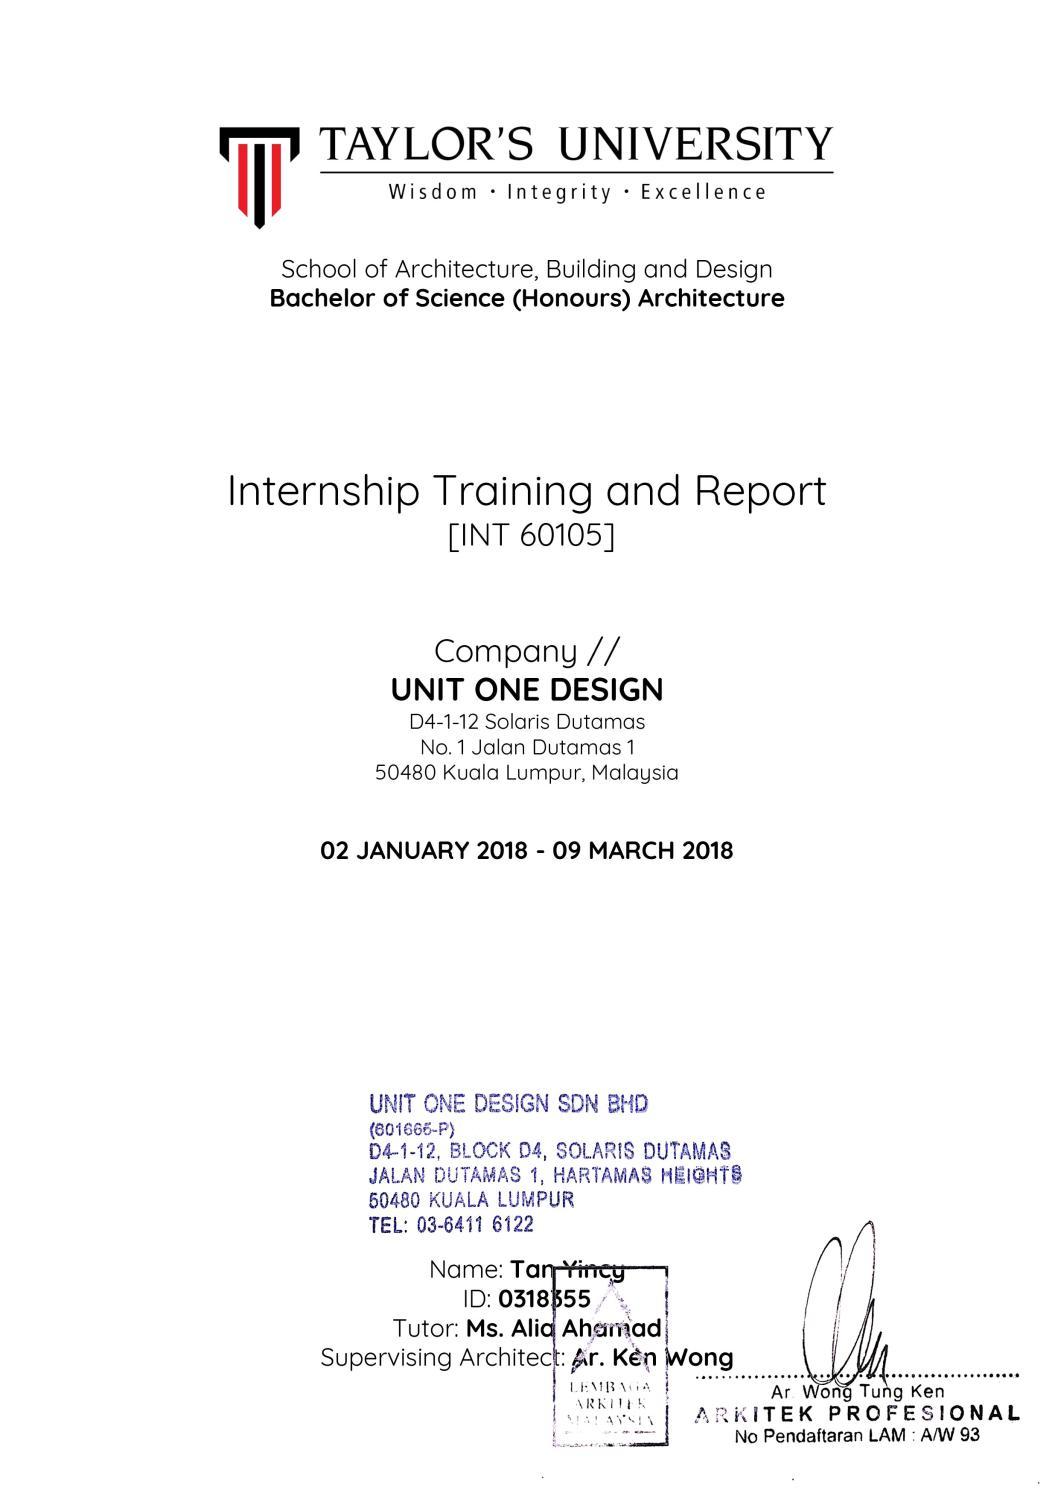 Internship Report By Yincytwk Issuu